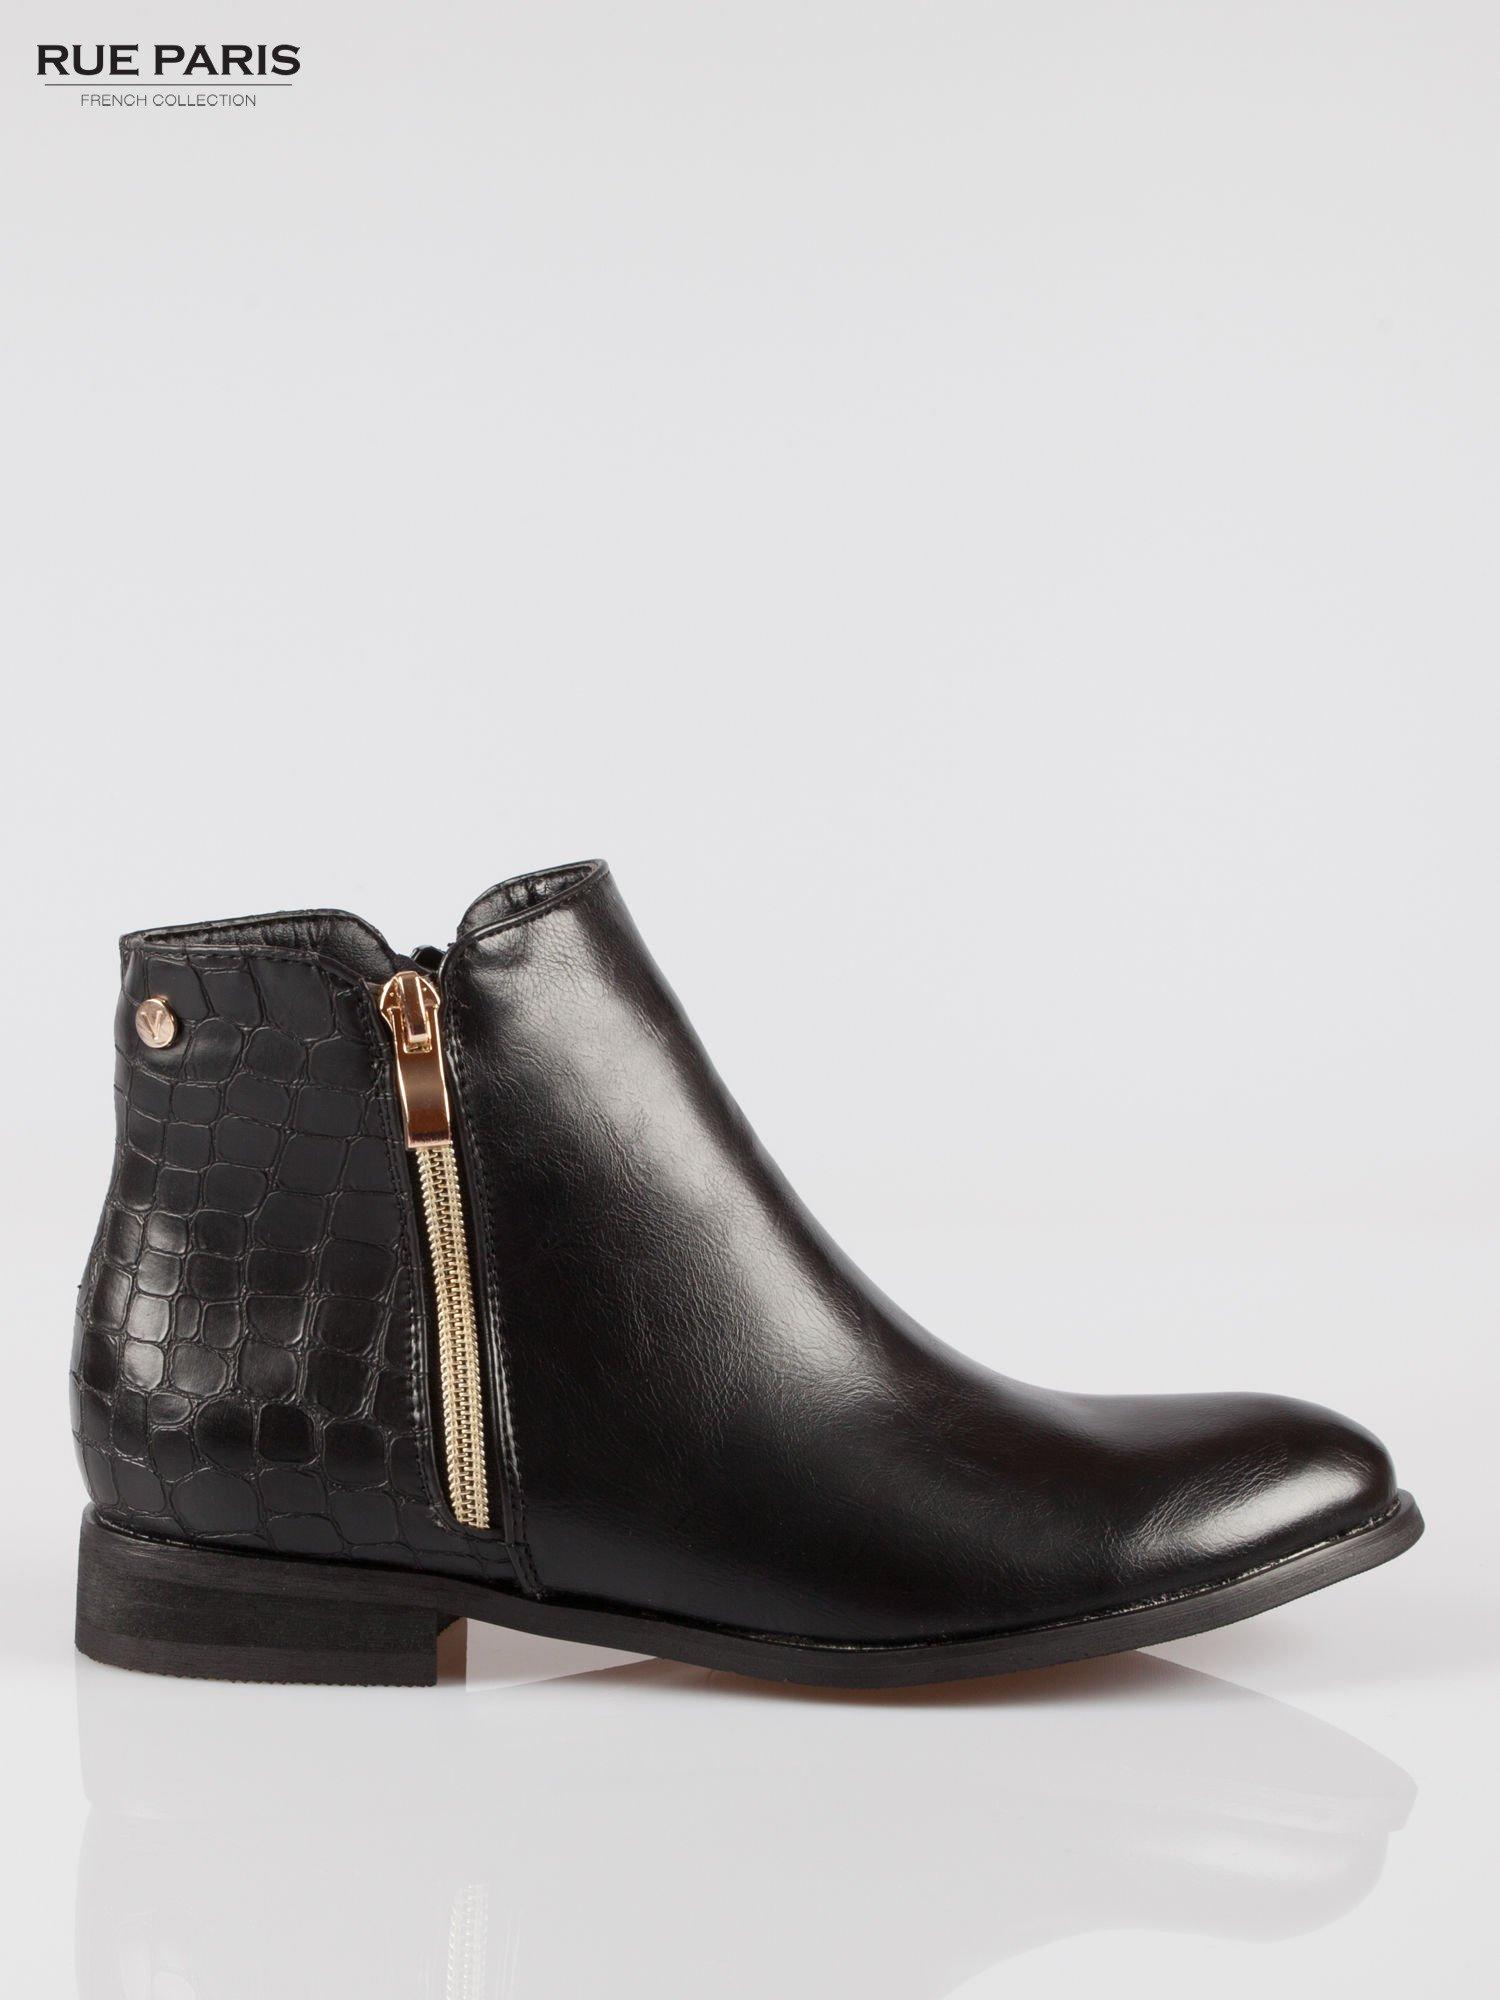 Czarne botki ze złotym zamkiem i tyłem z efektem skóry krokodyla                                  zdj.                                  1